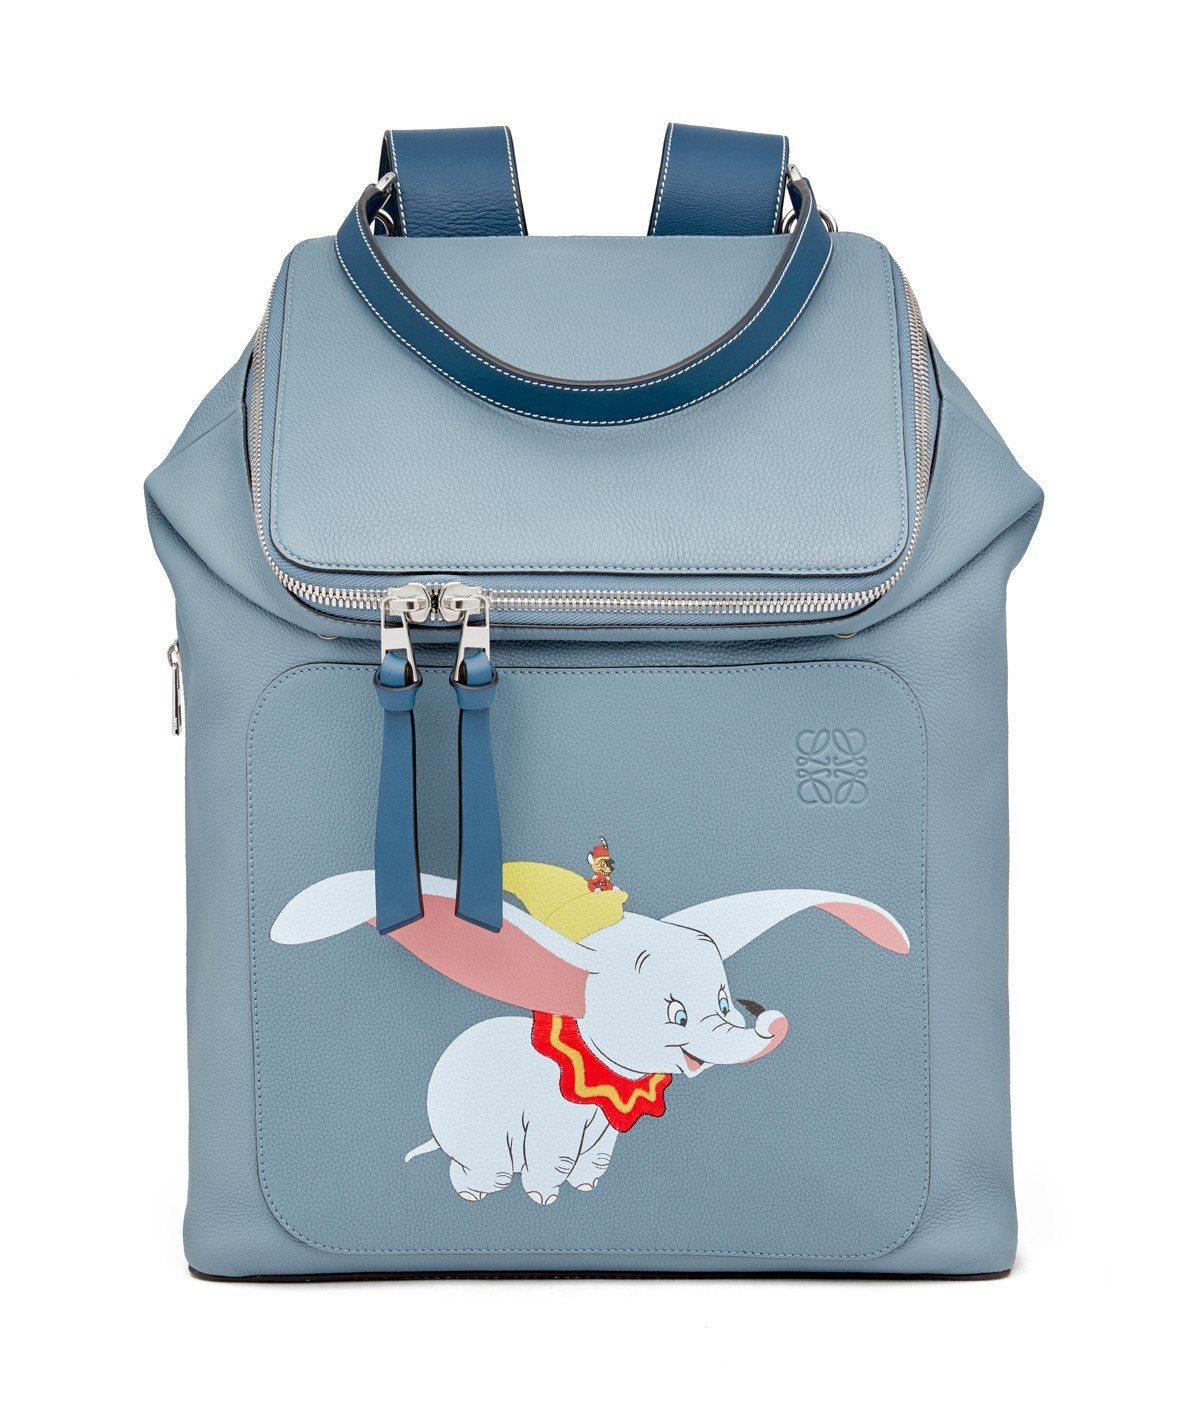 Goya石藍色小牛皮後背包,售價11萬1,000元。圖/LOEWE提供